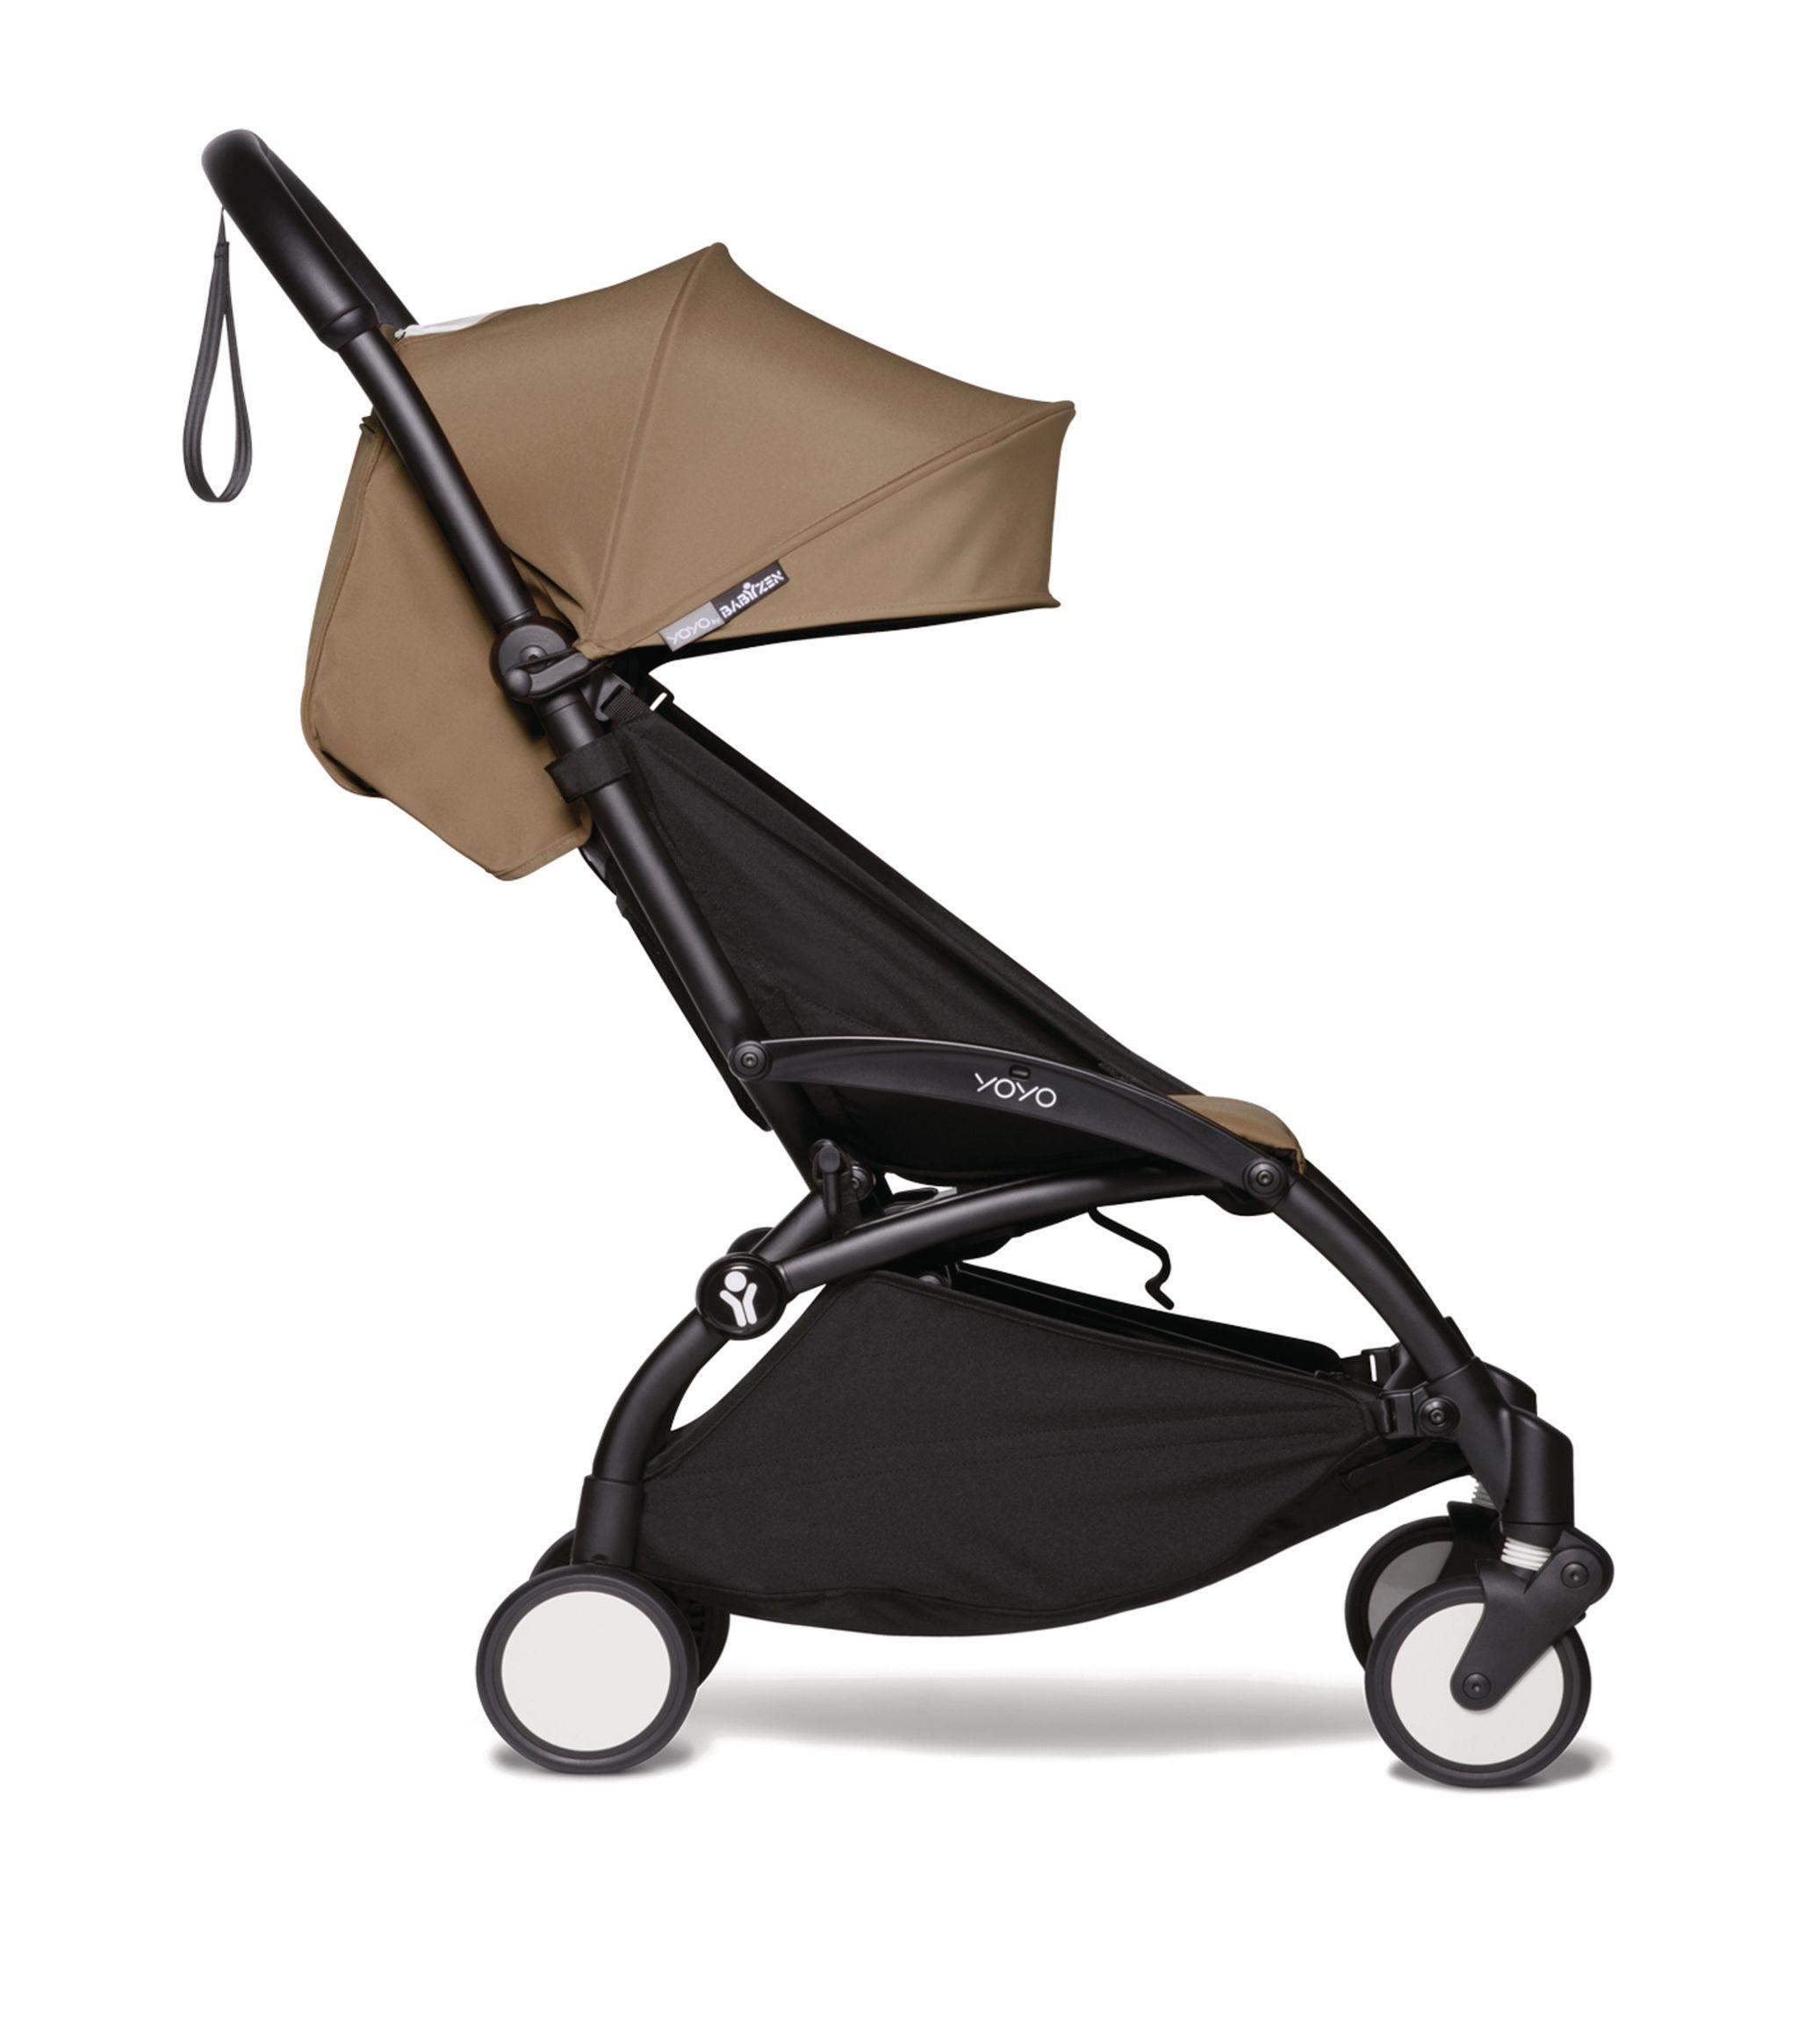 Babyzen YOYO2 6 Stroller AD , AD, Babyzen, YOYO,